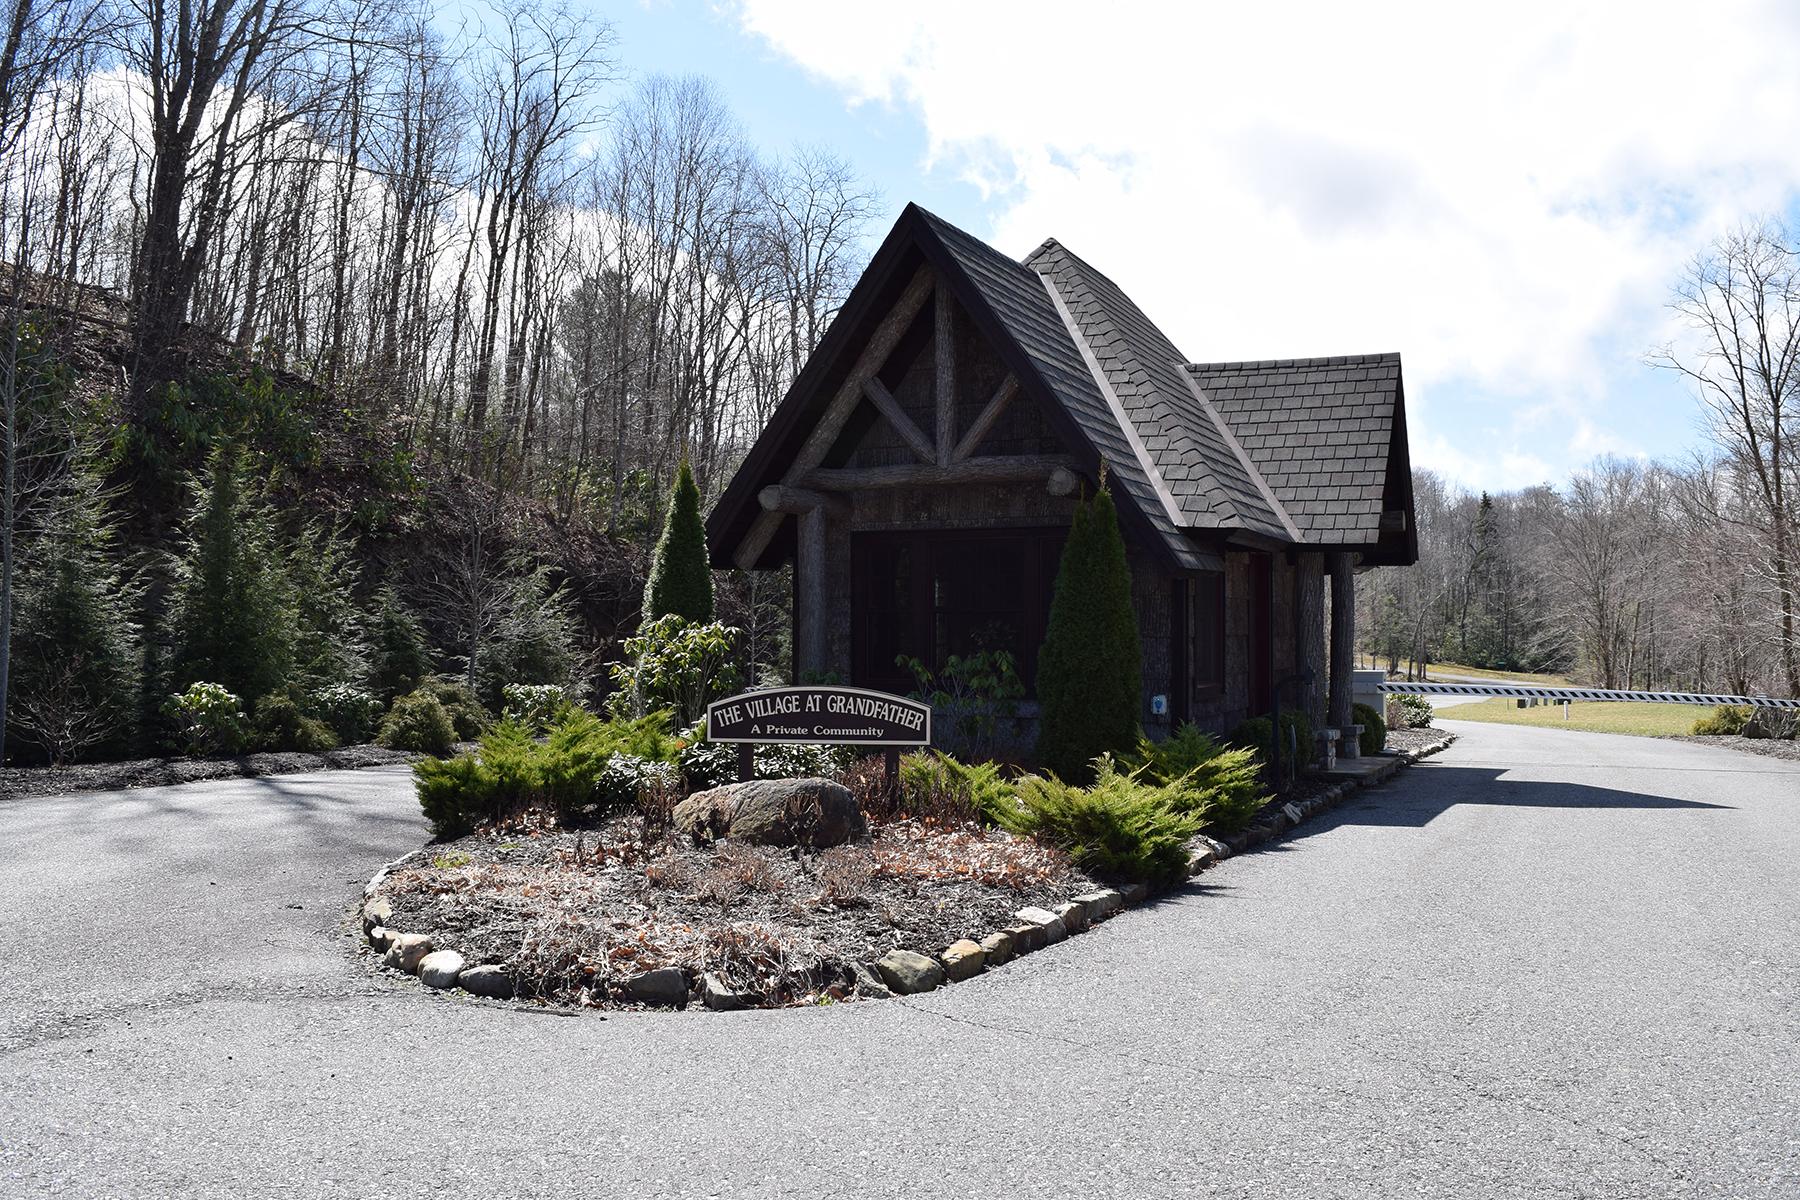 土地 のために 売買 アット LINVILLE - THE VILLAGE AT GRANDFATHER TBD Trillium Rd. (lot 12) Linville, ノースカロライナ, 28646 アメリカ合衆国